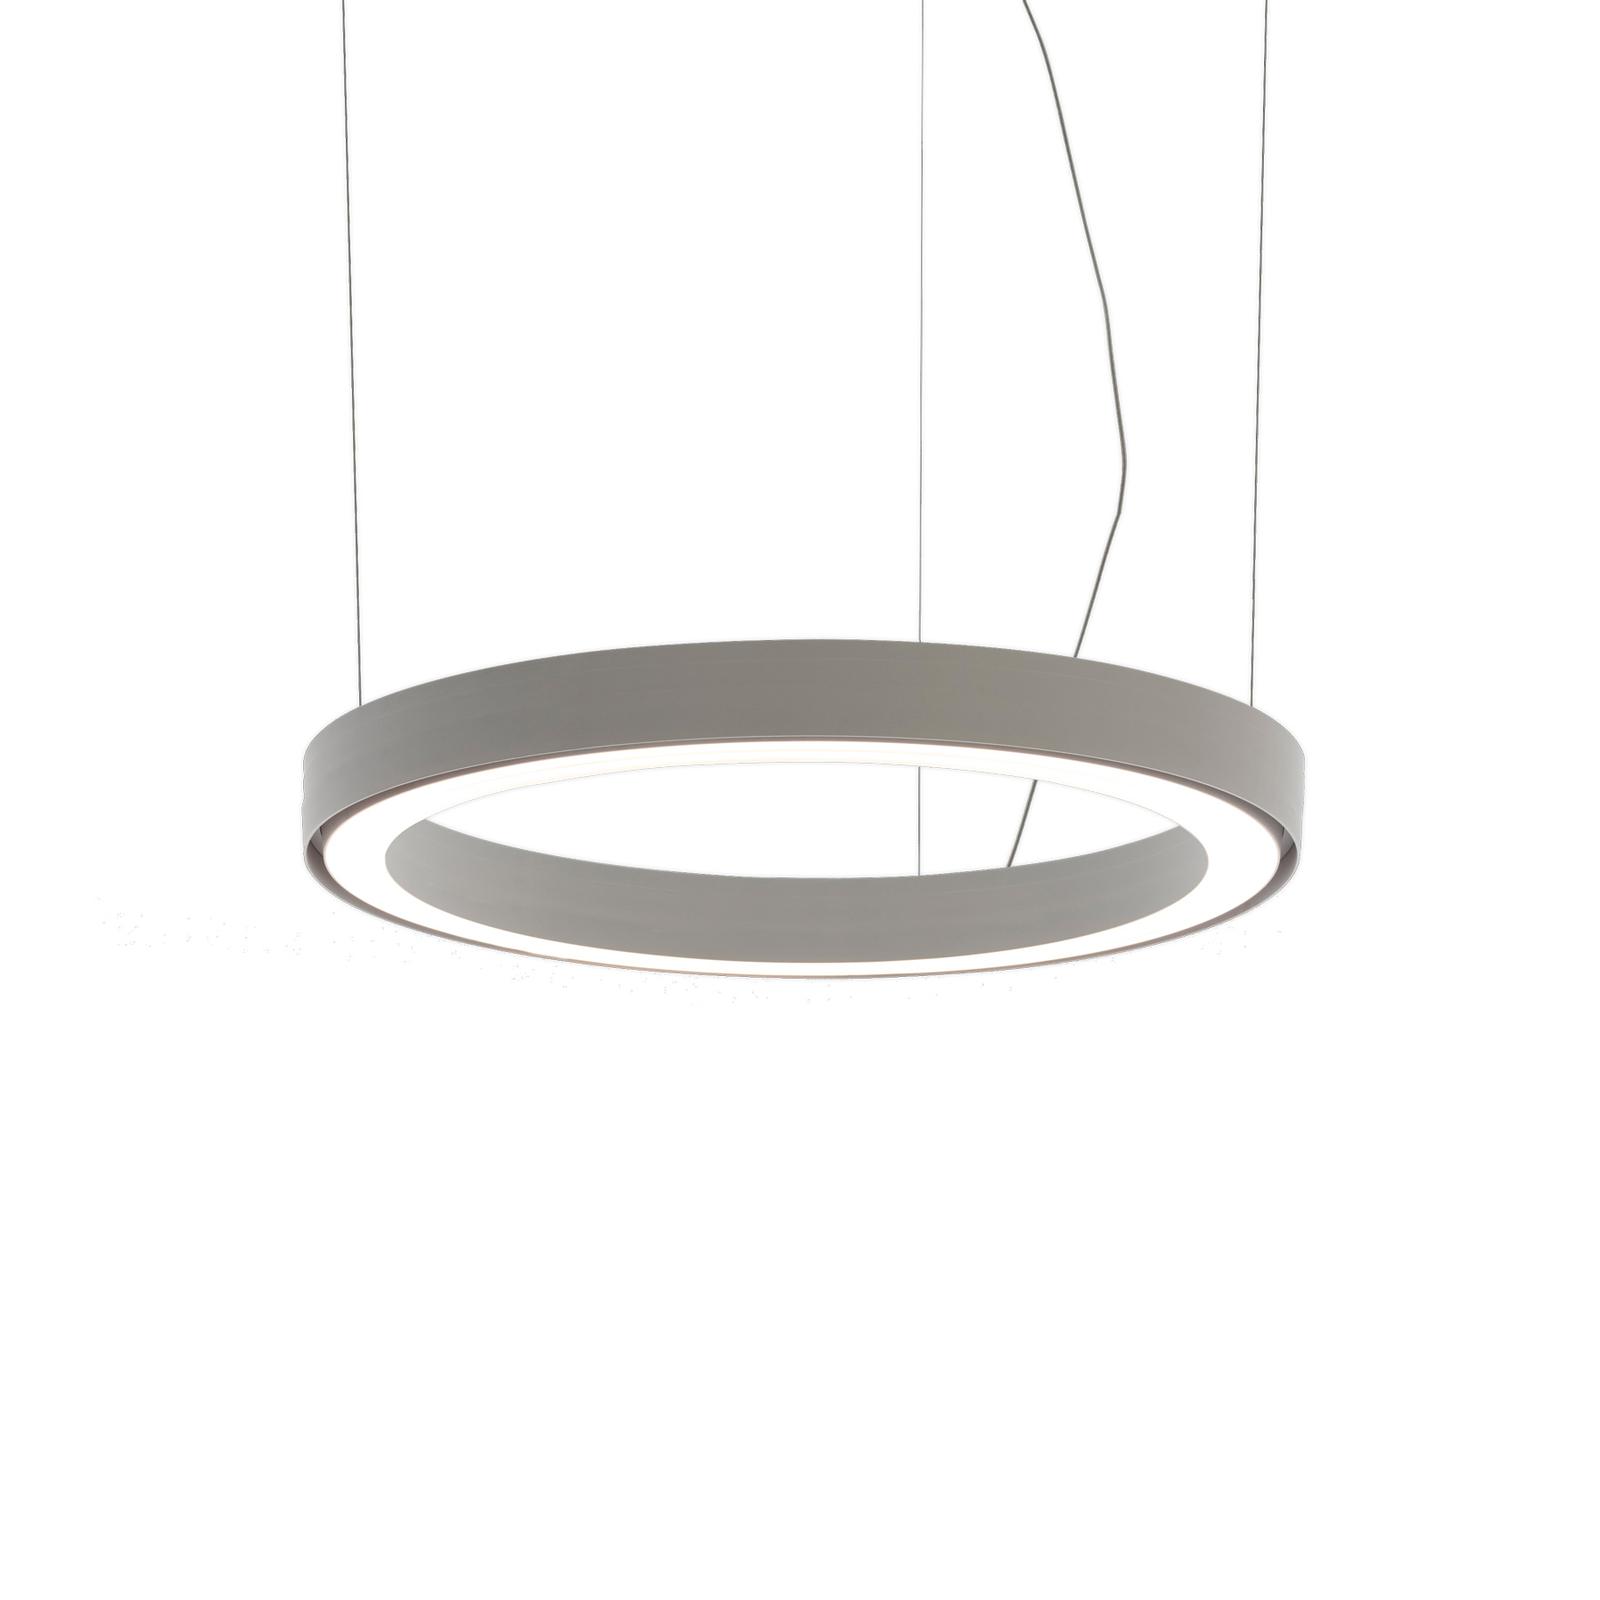 Artemide Ripple LED-hængelampe, hvid, Ø 50 cm